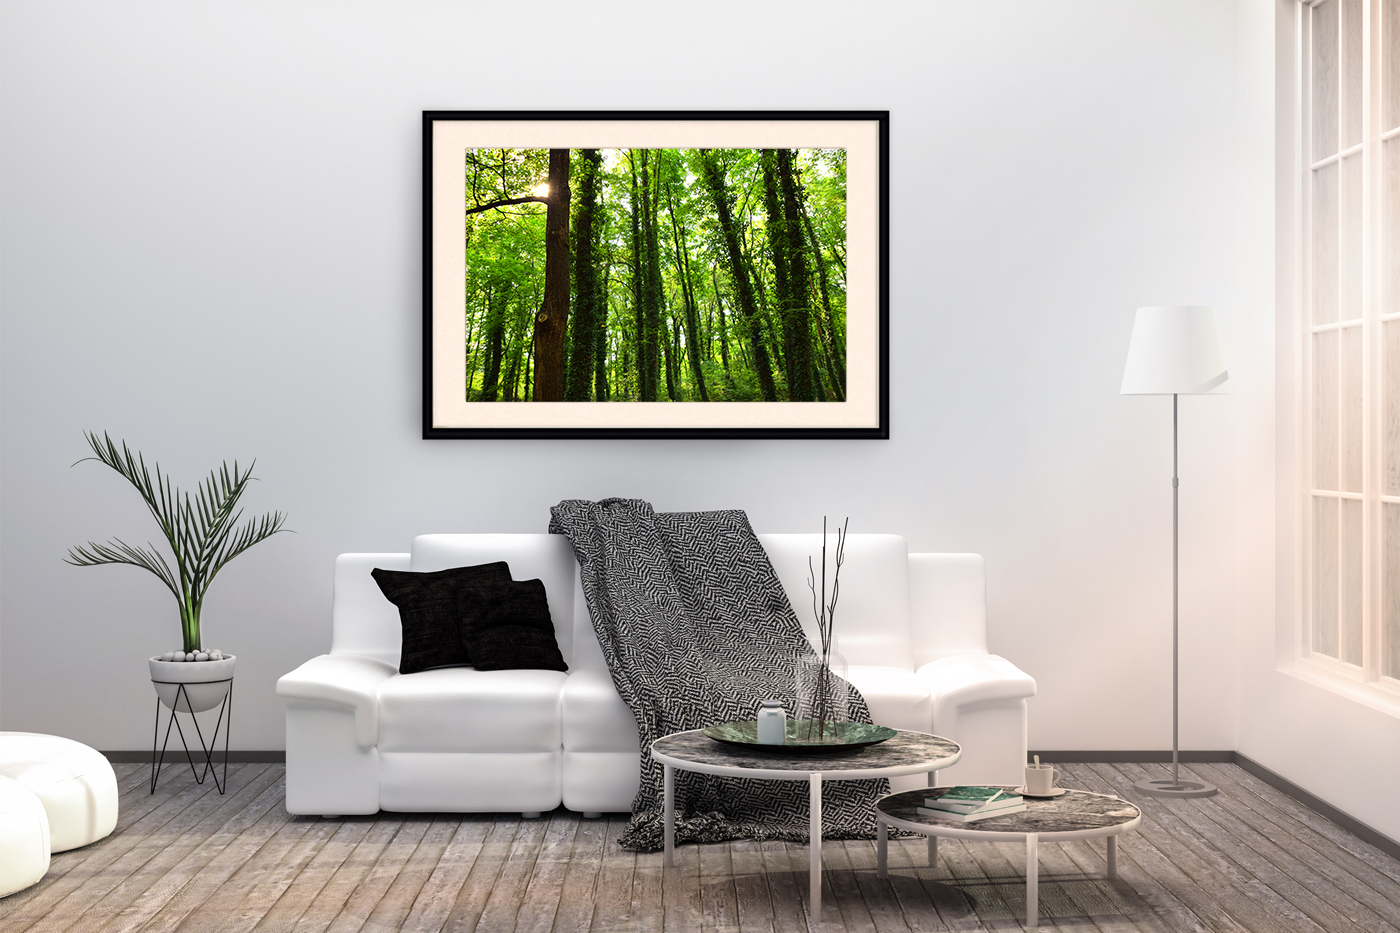 Nature photo, landscape photo, forest photo, spring photo example image 3